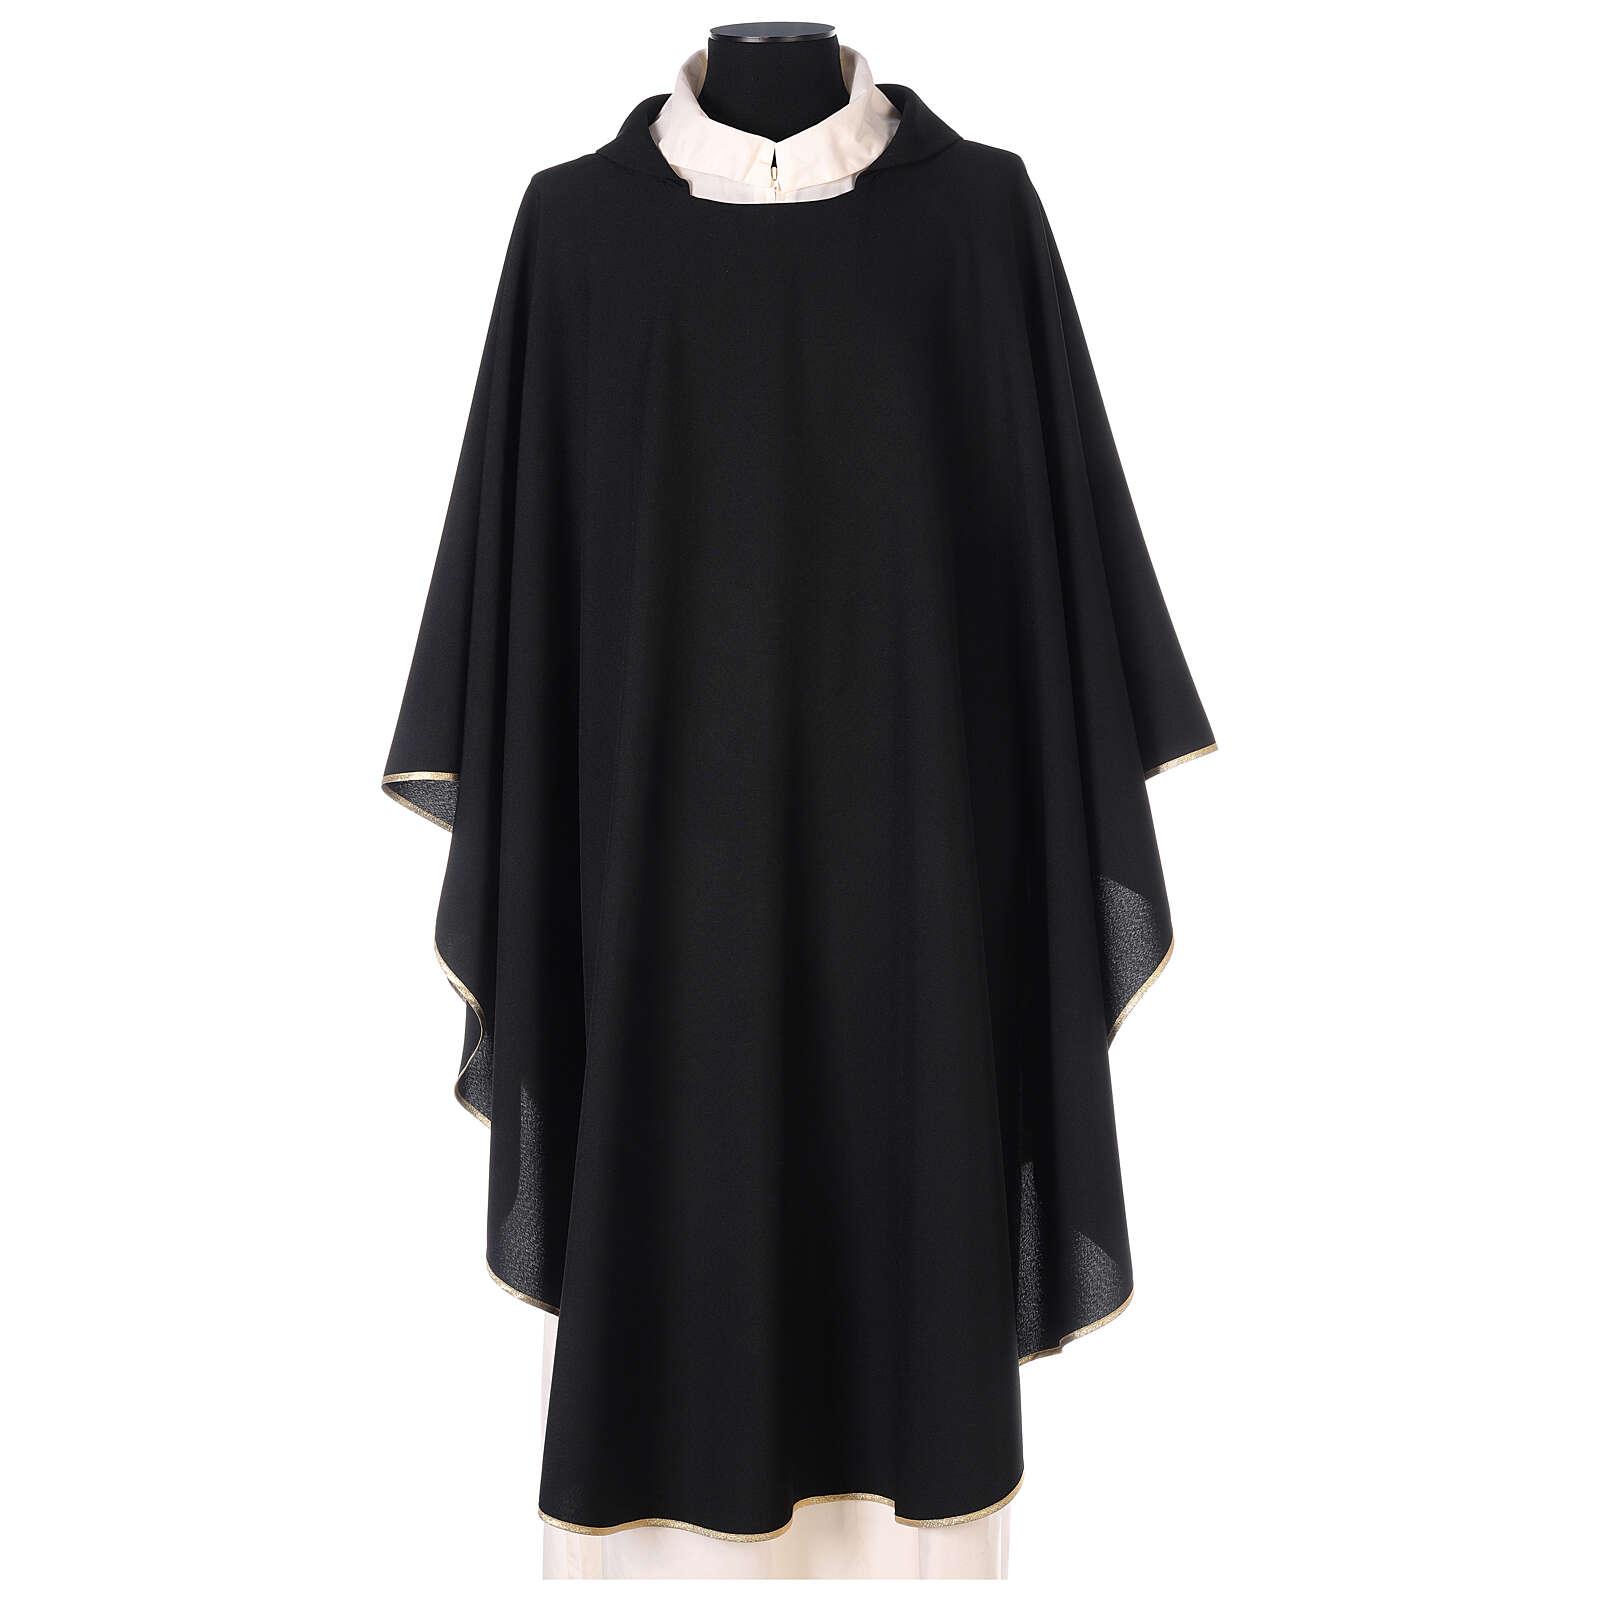 Ornat jednokolorowy czarny 100% poliester, model prosty 4